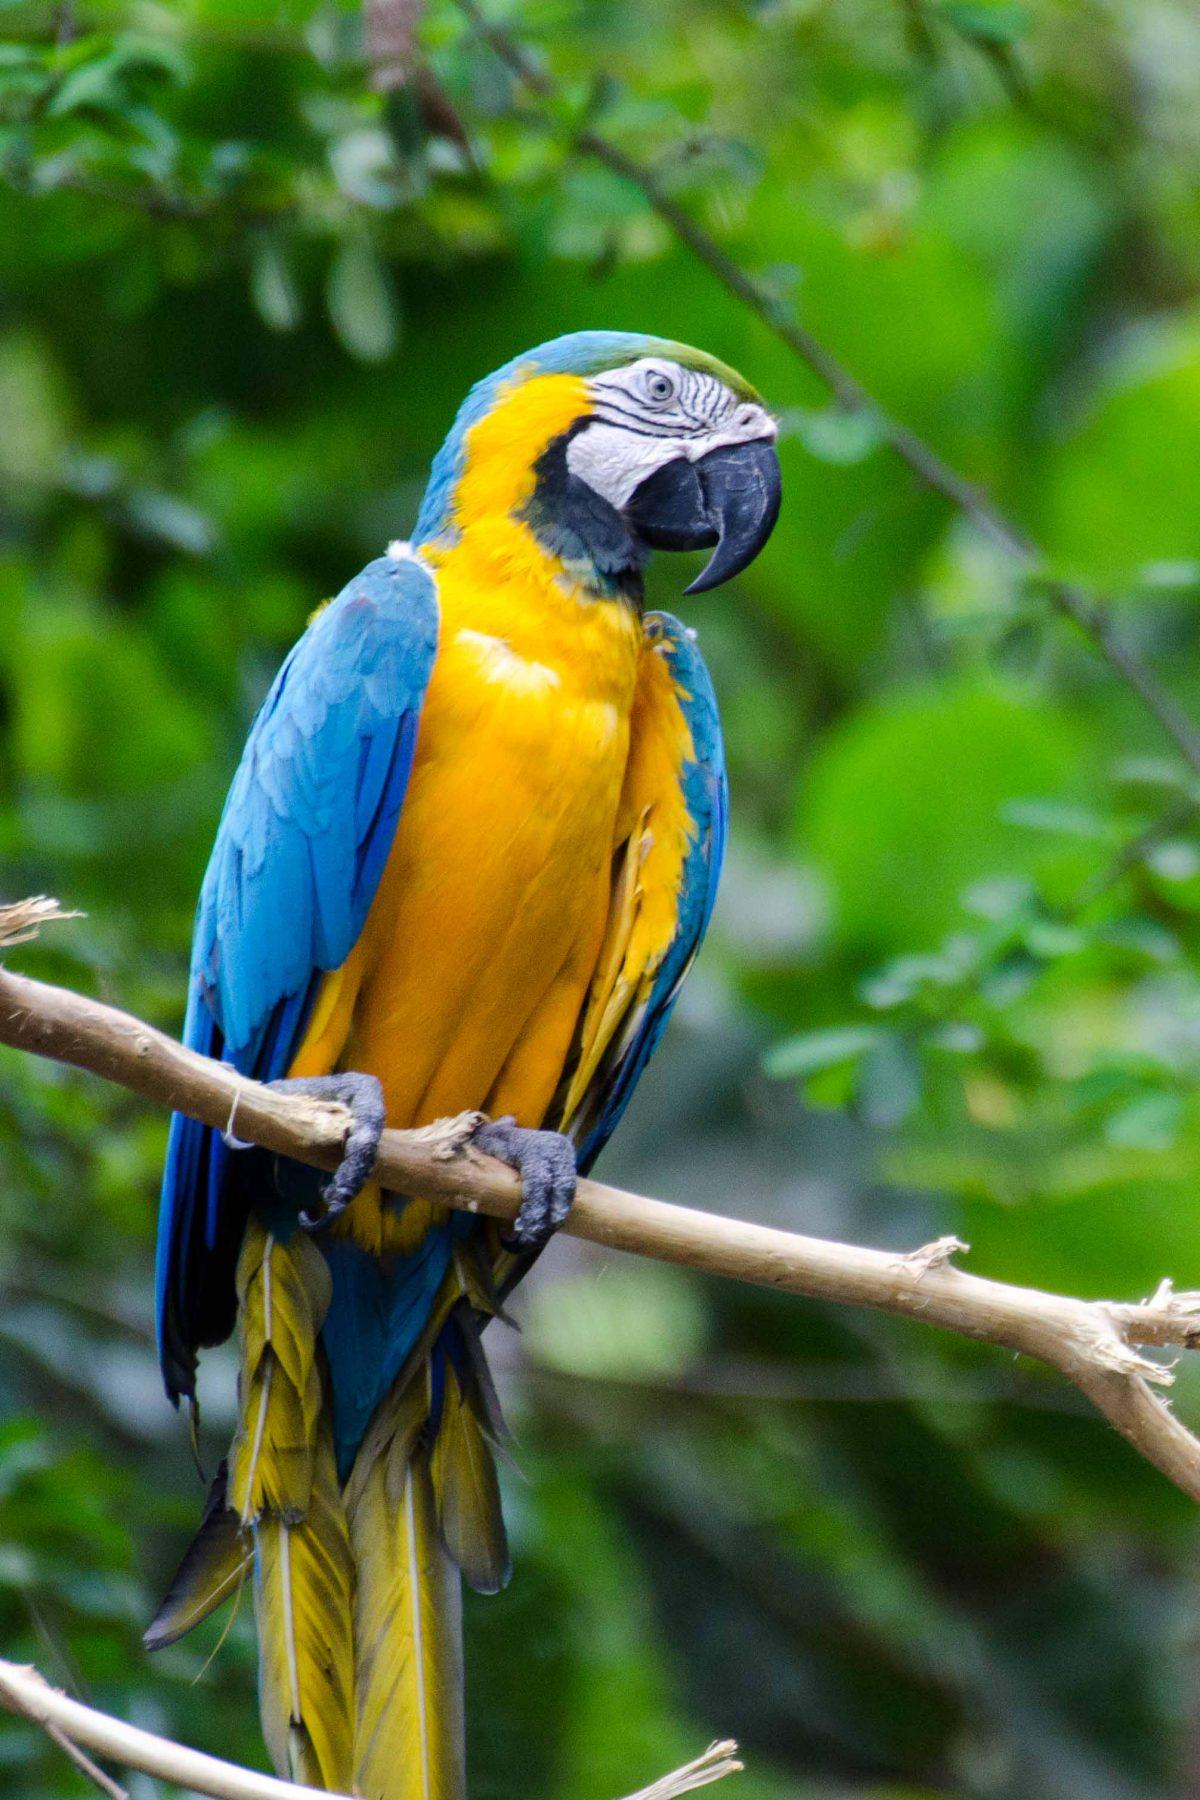 A Blue Macaw, Parque Histórico, Guayaquil, Ecuador | © Angie Drake / Ecuador Por Mis Ojos